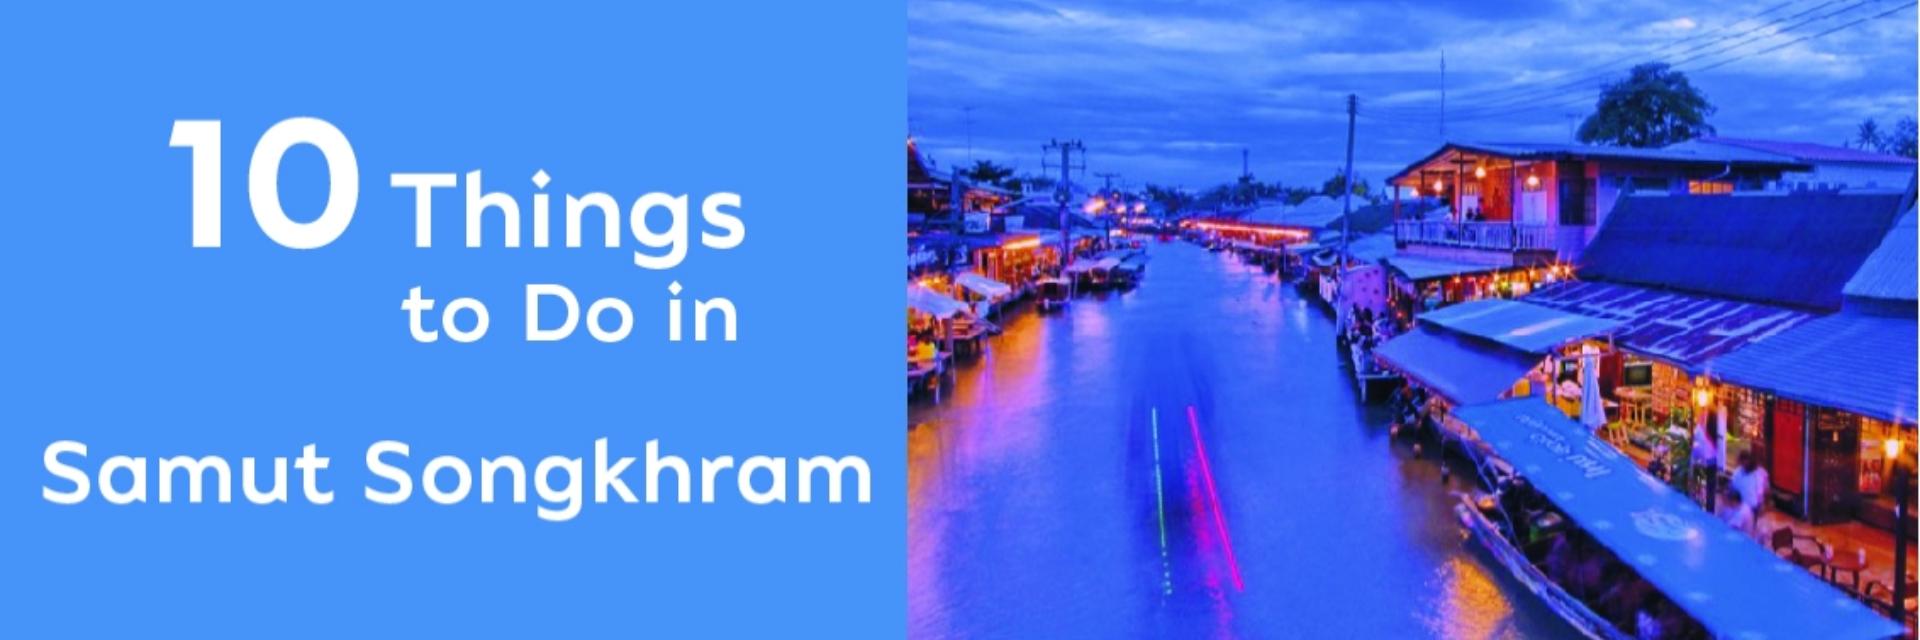 10 THINGS TO DO IN SAMUT SONGKHRAM